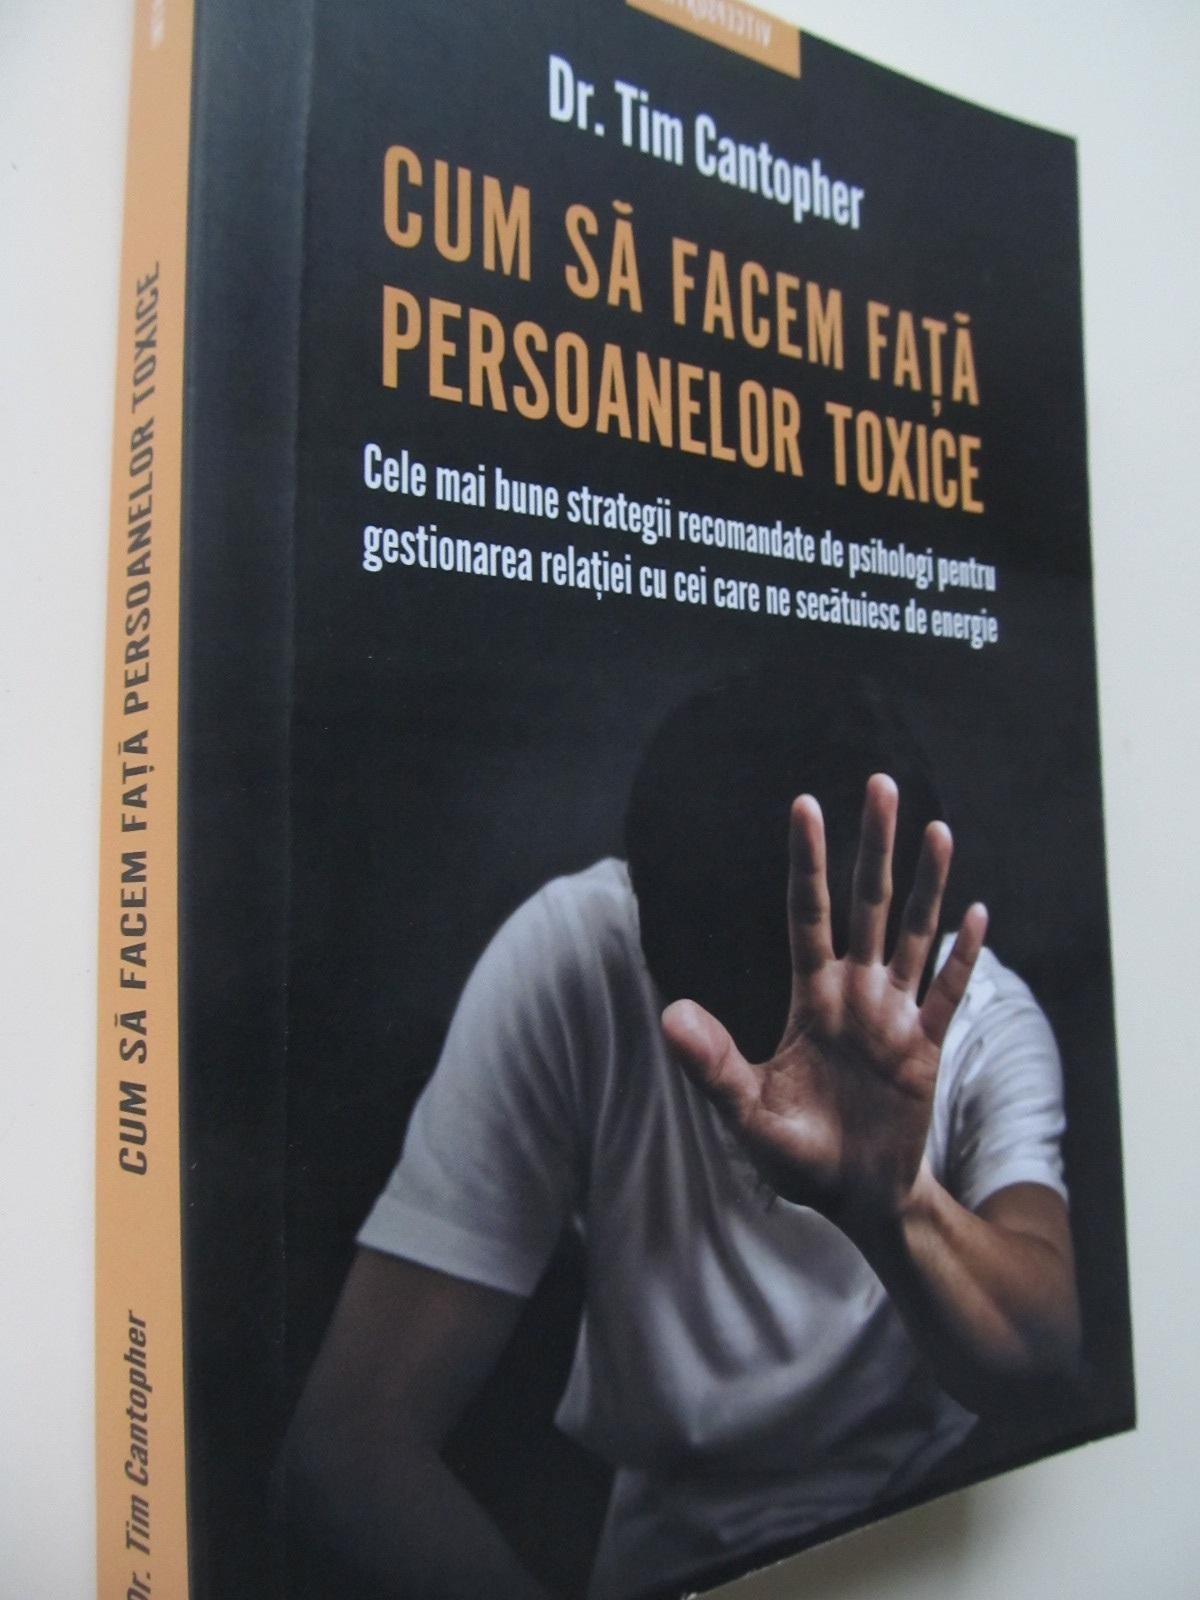 Carte Cum sa facem fata persoanelor toxice - Cele mai bune strategii recomandate de psihologi pentru gestionarea relatiei cu cei care ne secatuiesc energia - Tim Cantophe